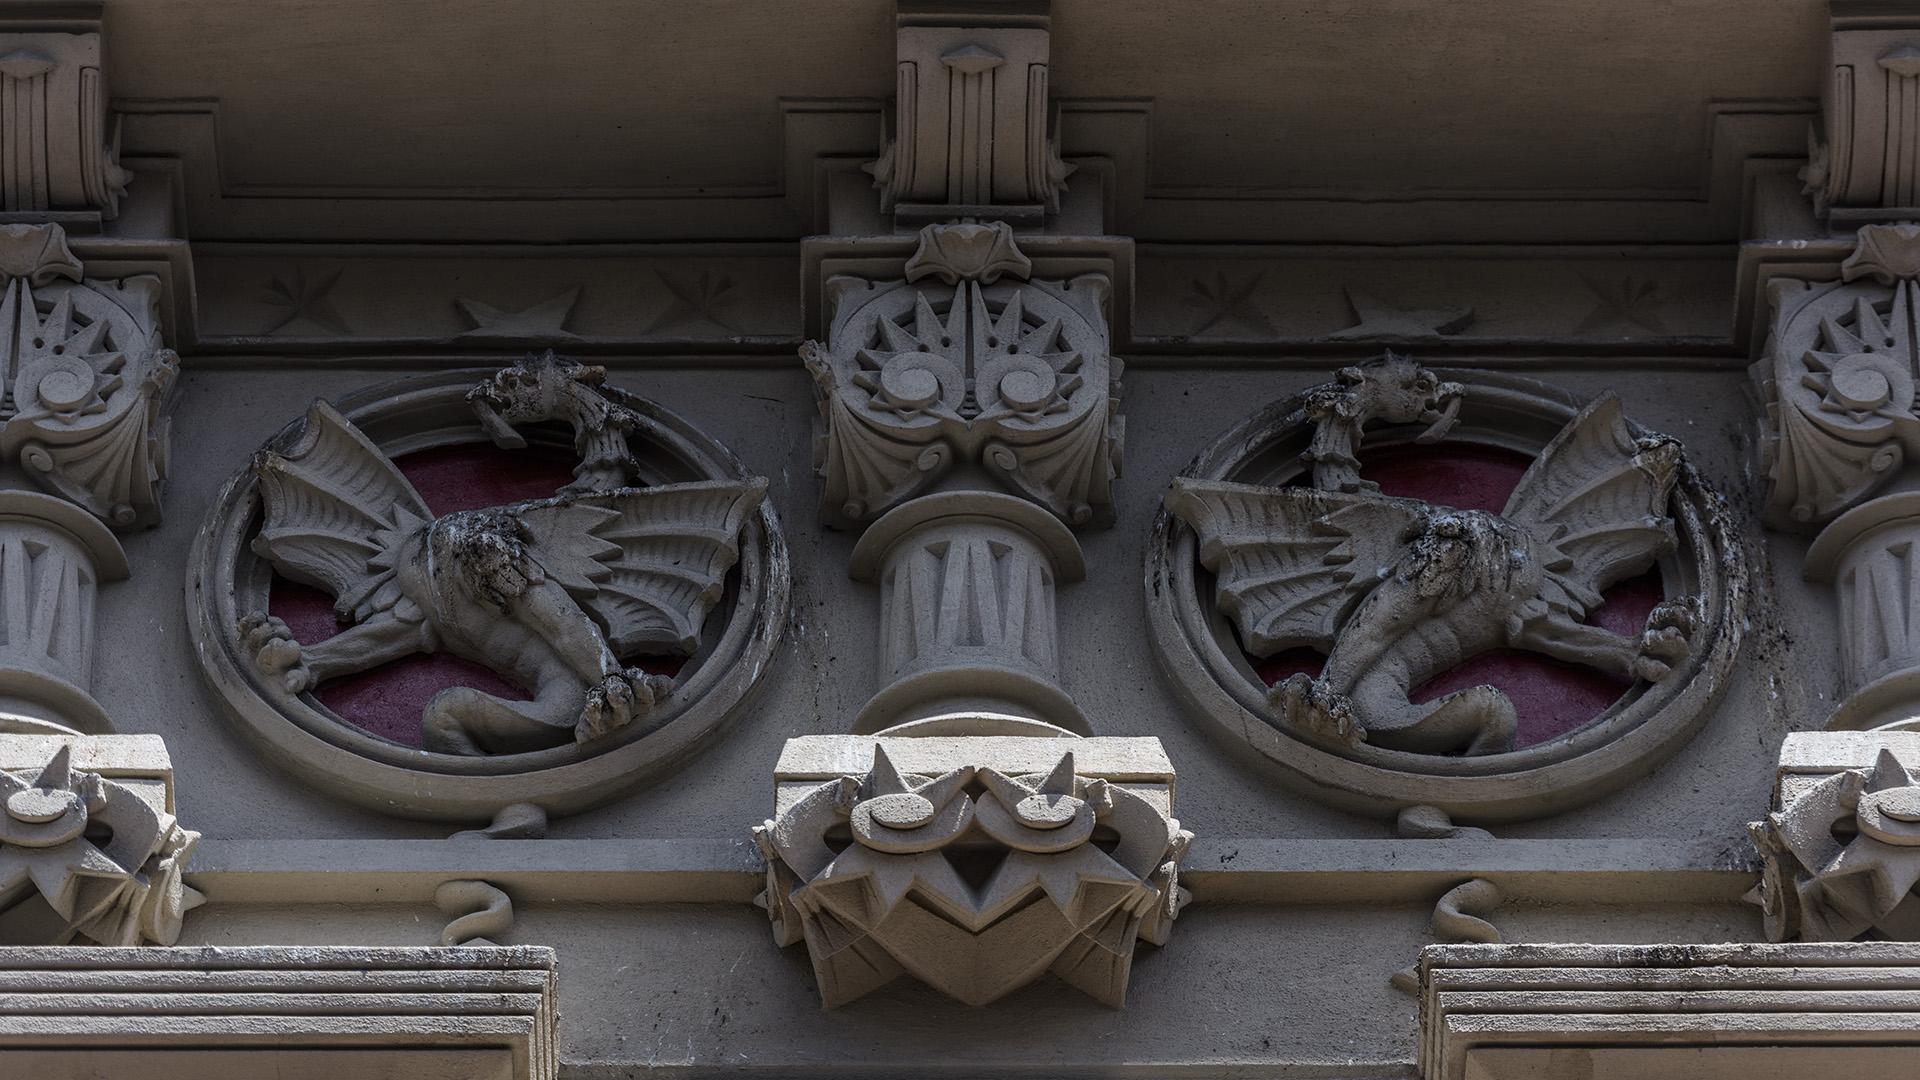 La casa Bolívar es un importante y singular edificio histórico del patrimonio arquitectónico de la ciudad